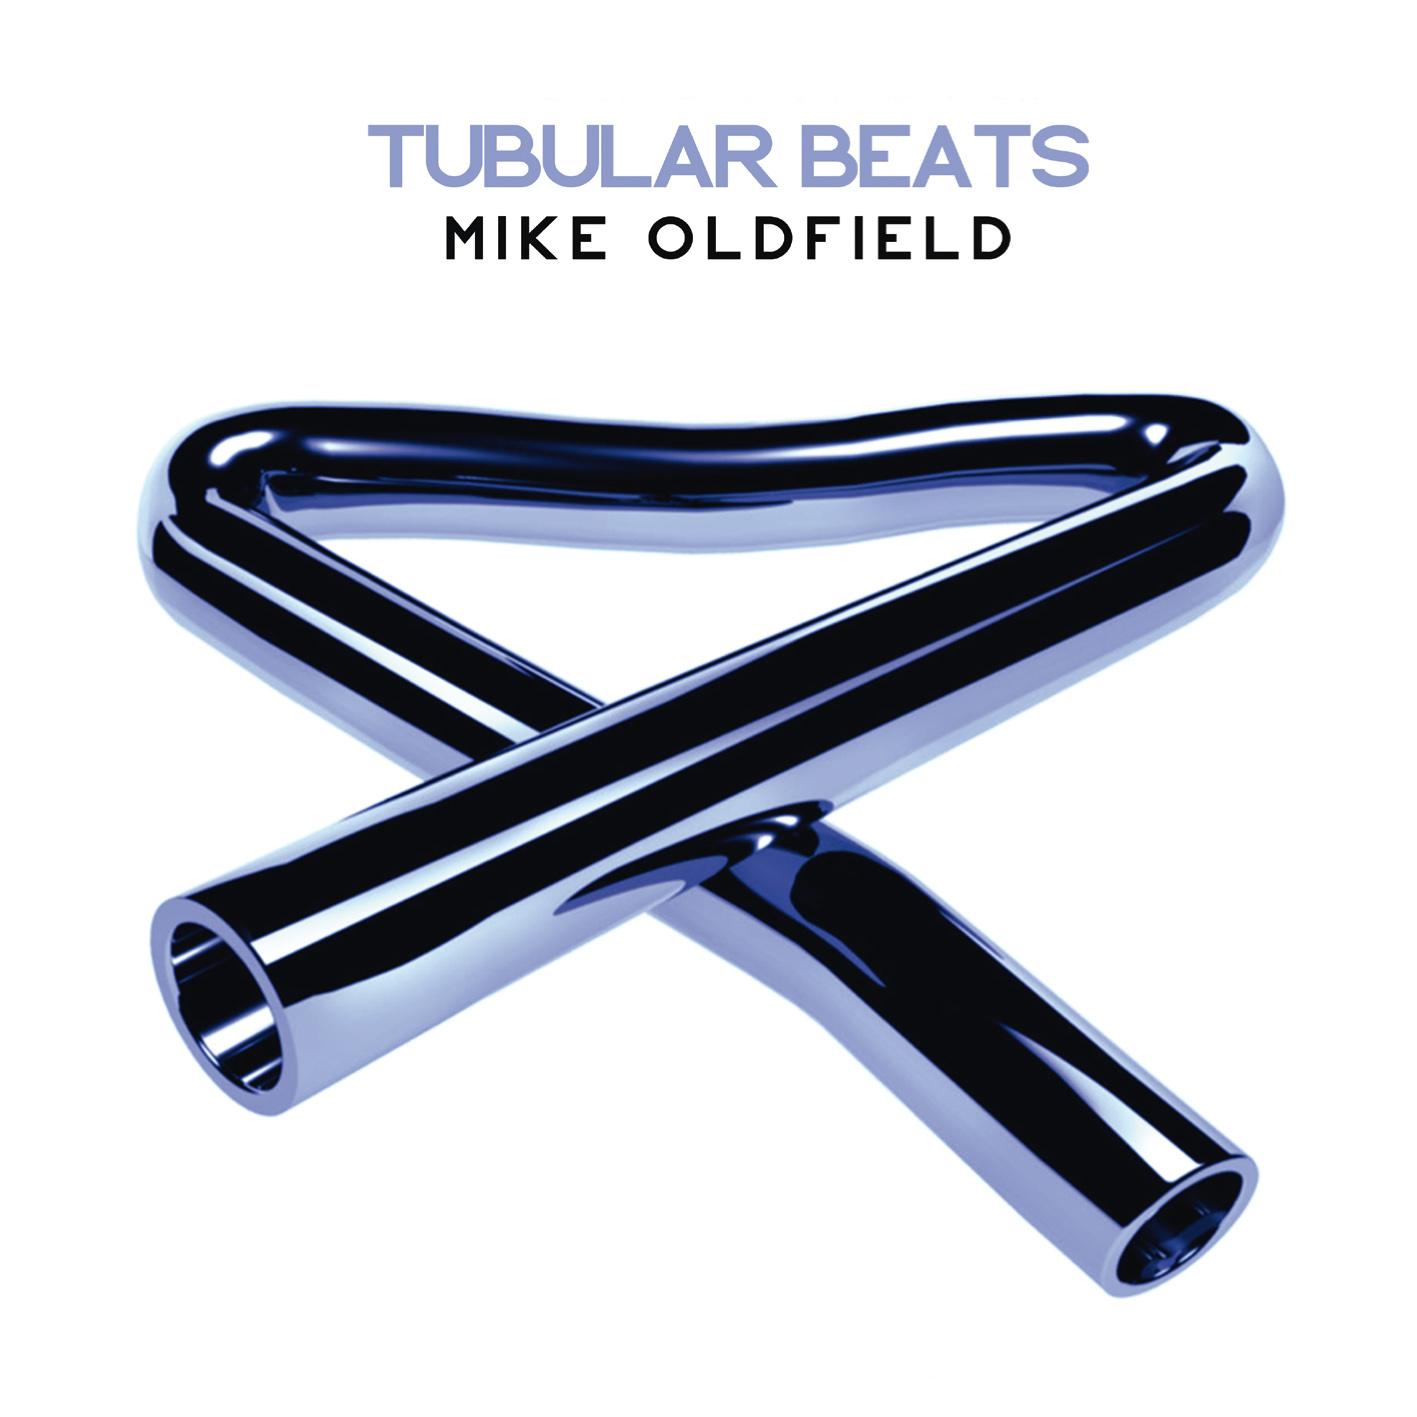 Mike Oldfield lässt zusammen mit Torsten 'York' Stenzel die Tubular Beats erklingen